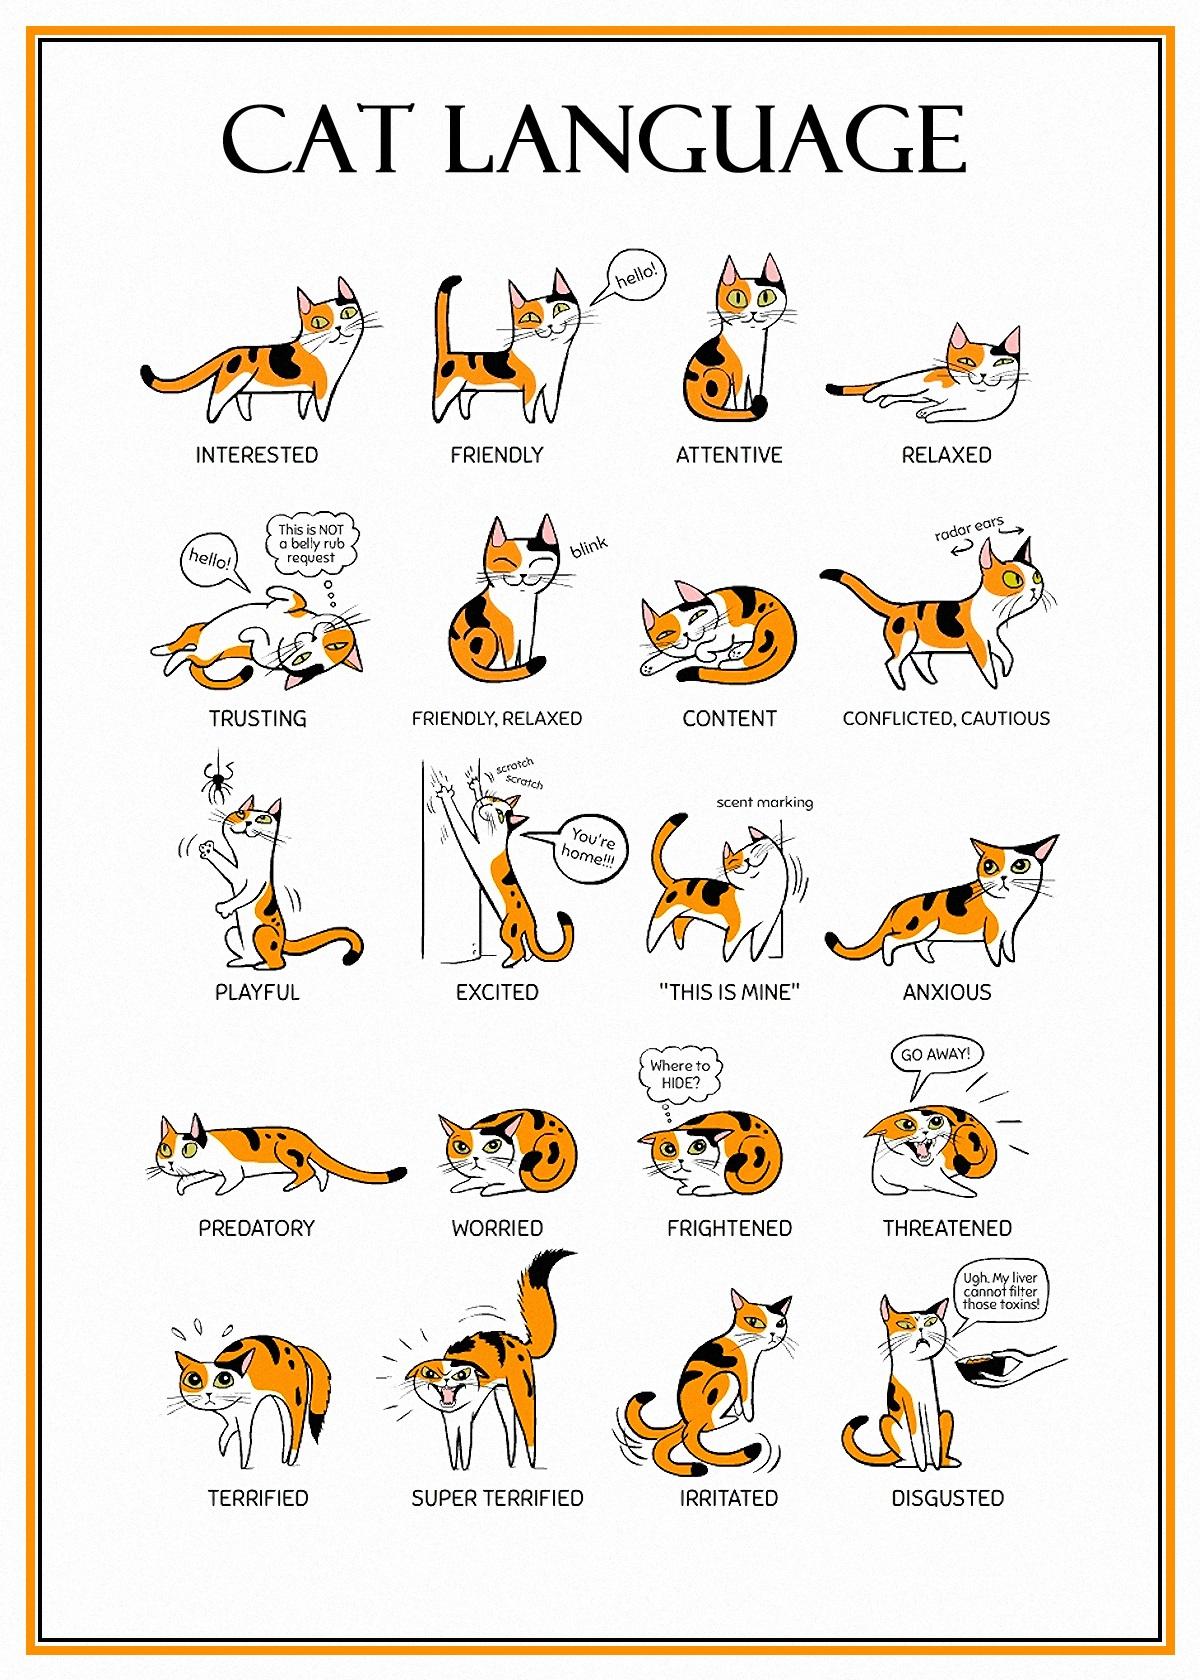 00 cat language 210516